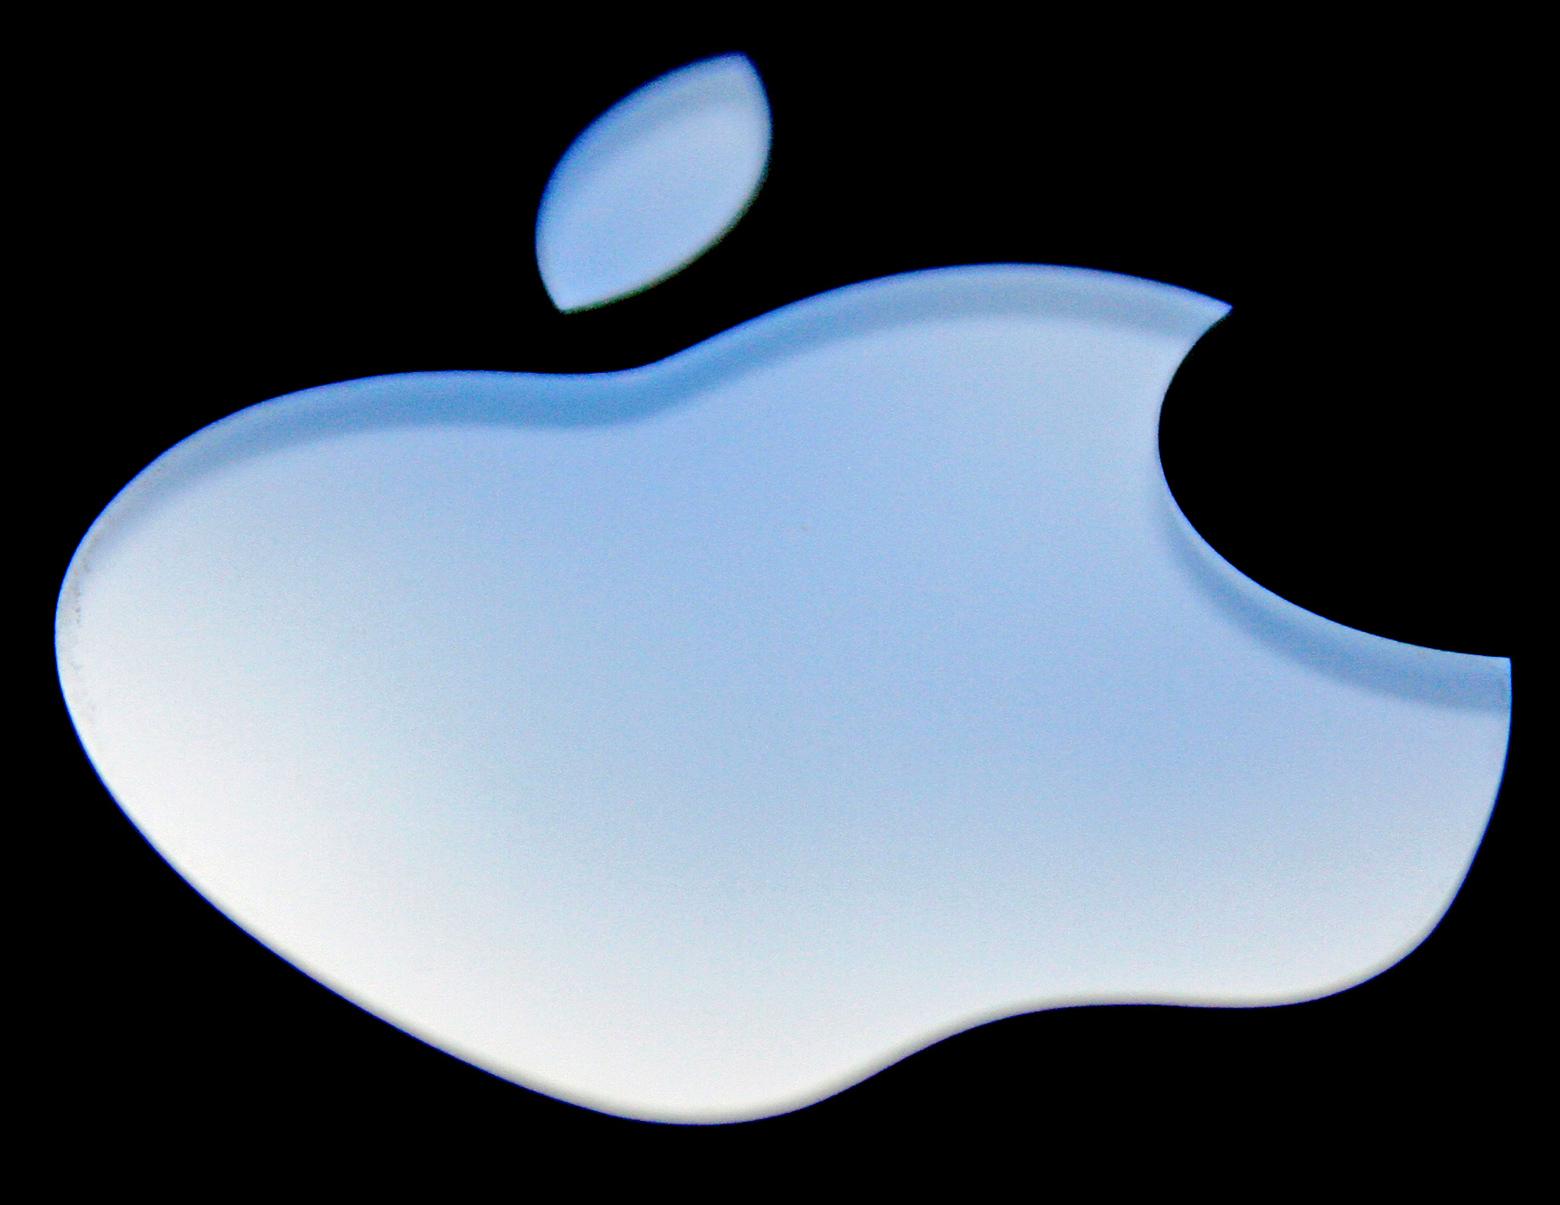 apple qualcomm lawsuit